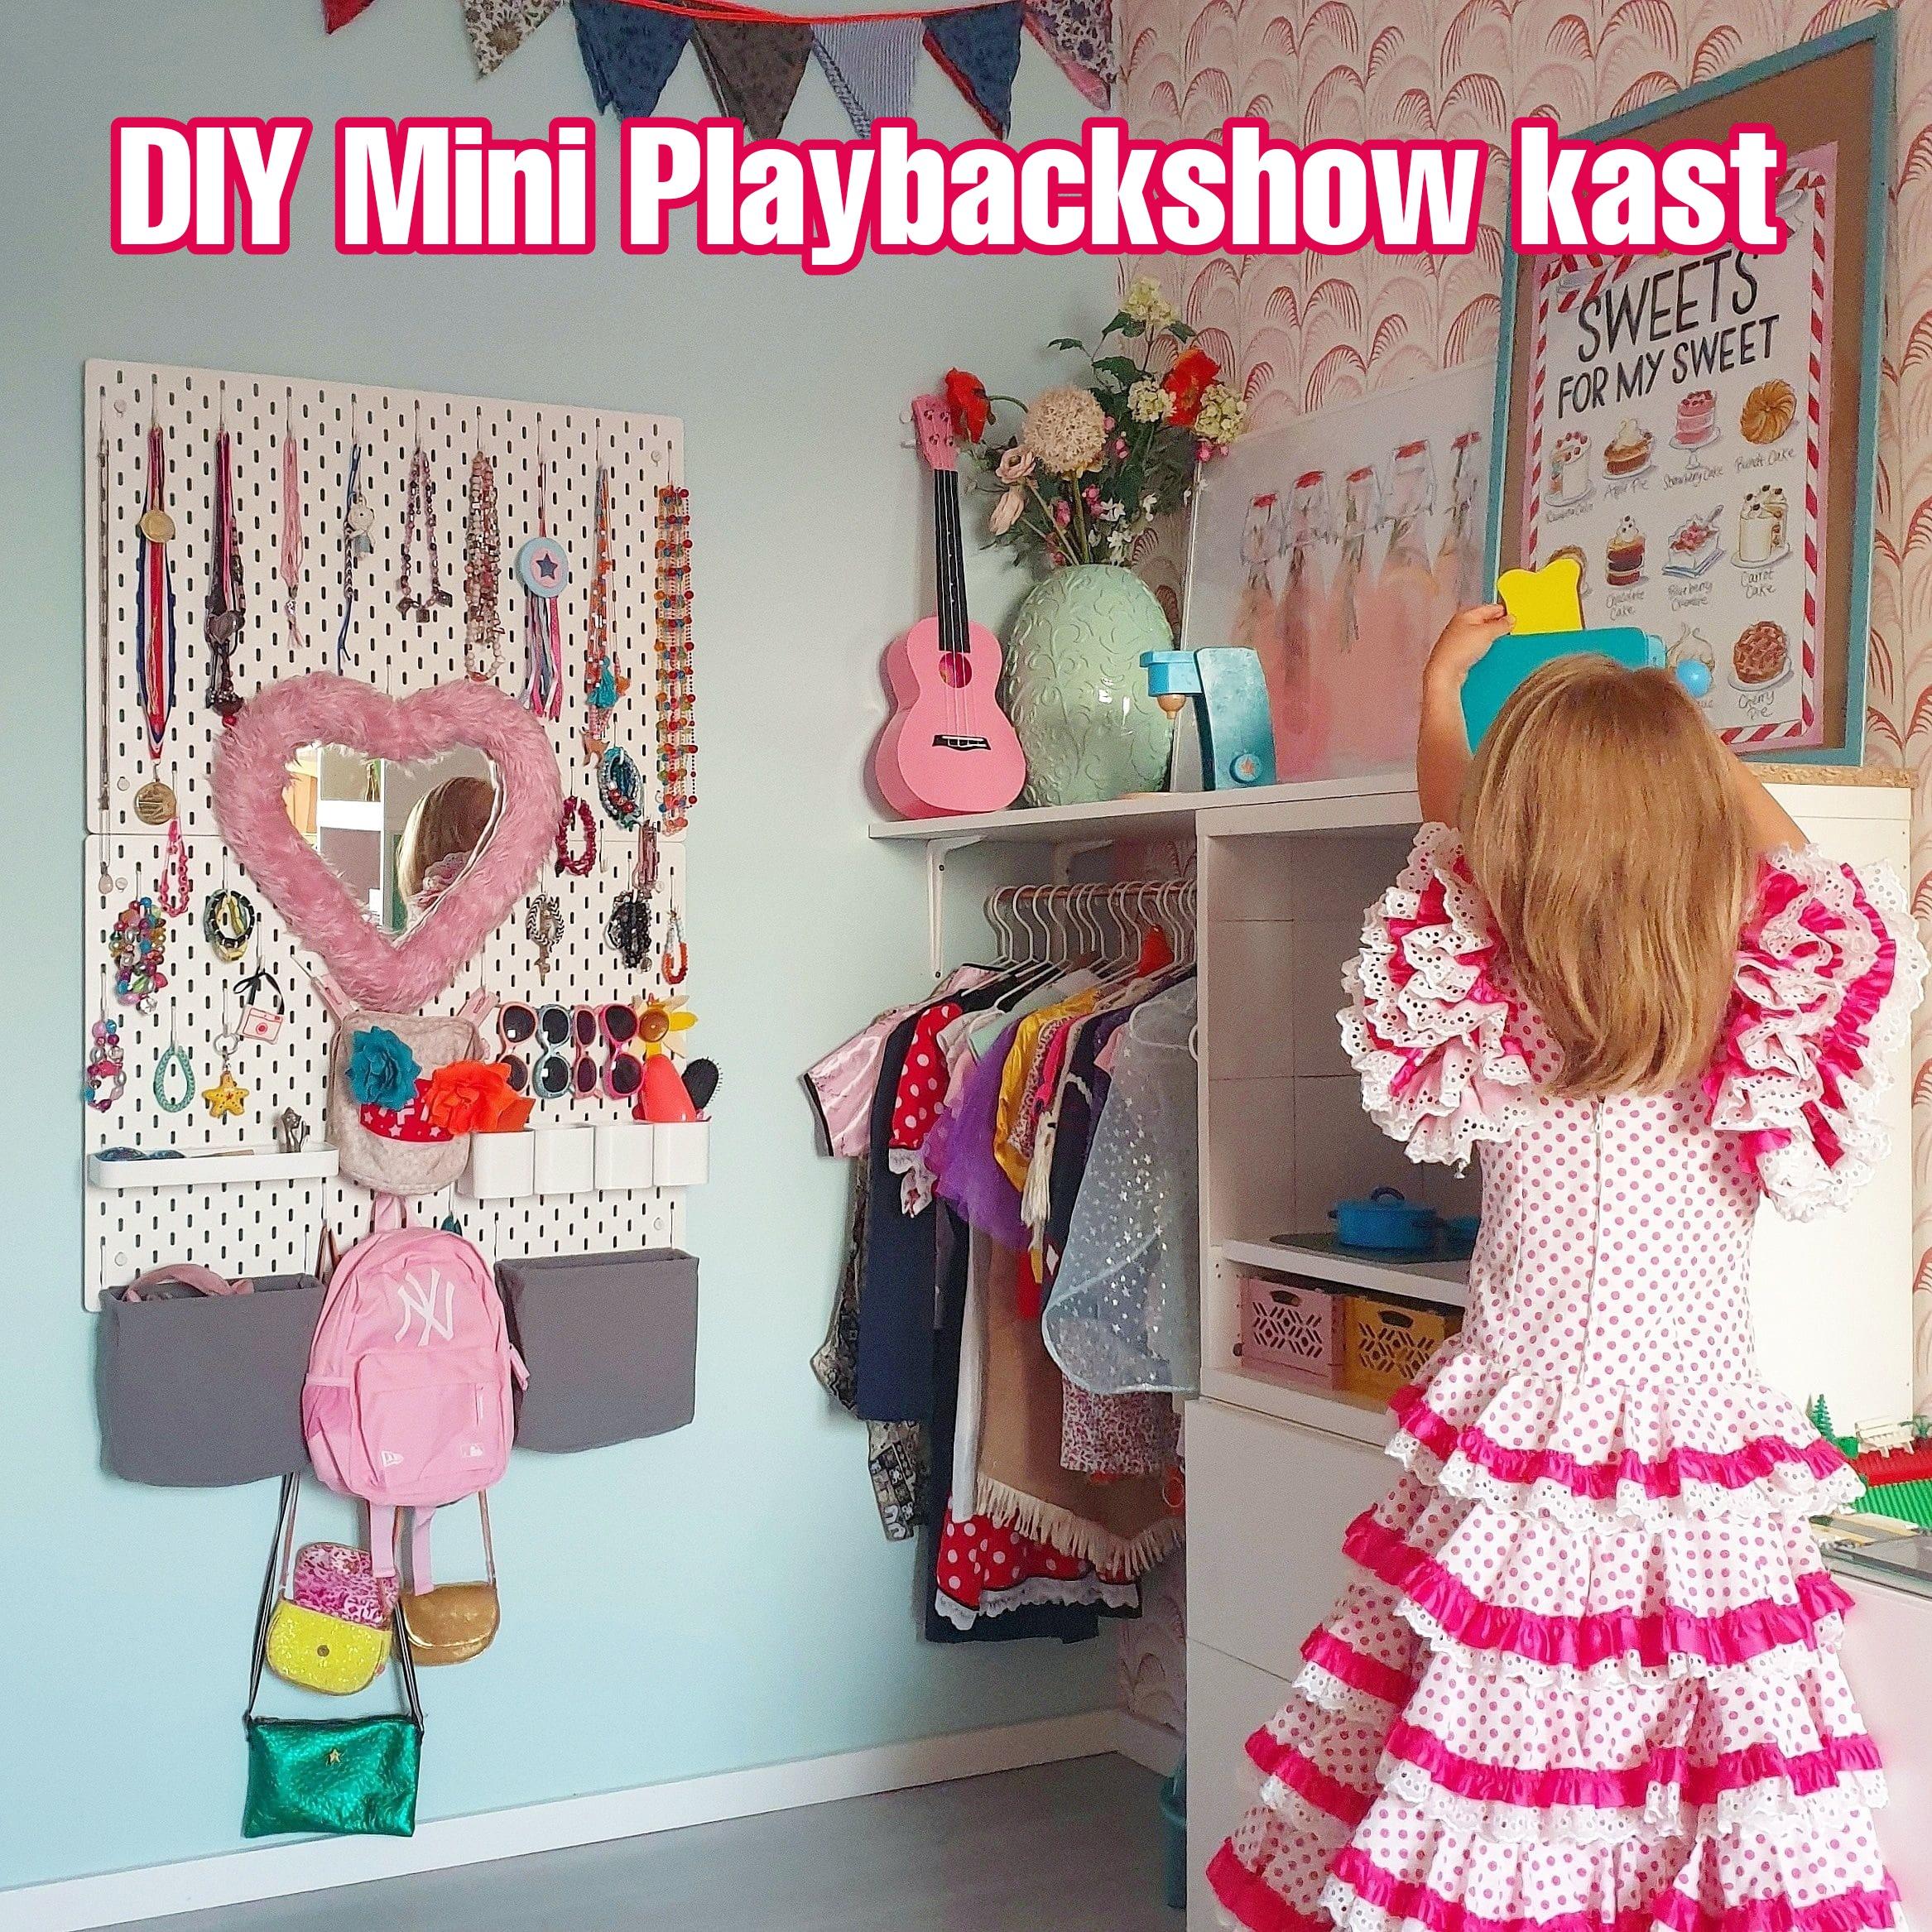 Kinderkamer IKEA hack: Mini Playbackshow kast voor kinderkamer. Vond jij de kledingkast van de Mini Playbackshow vroeger ook zo fascinerend? Zo maak je zelf een Mini Playbackshow kast voor de kinderkamer.